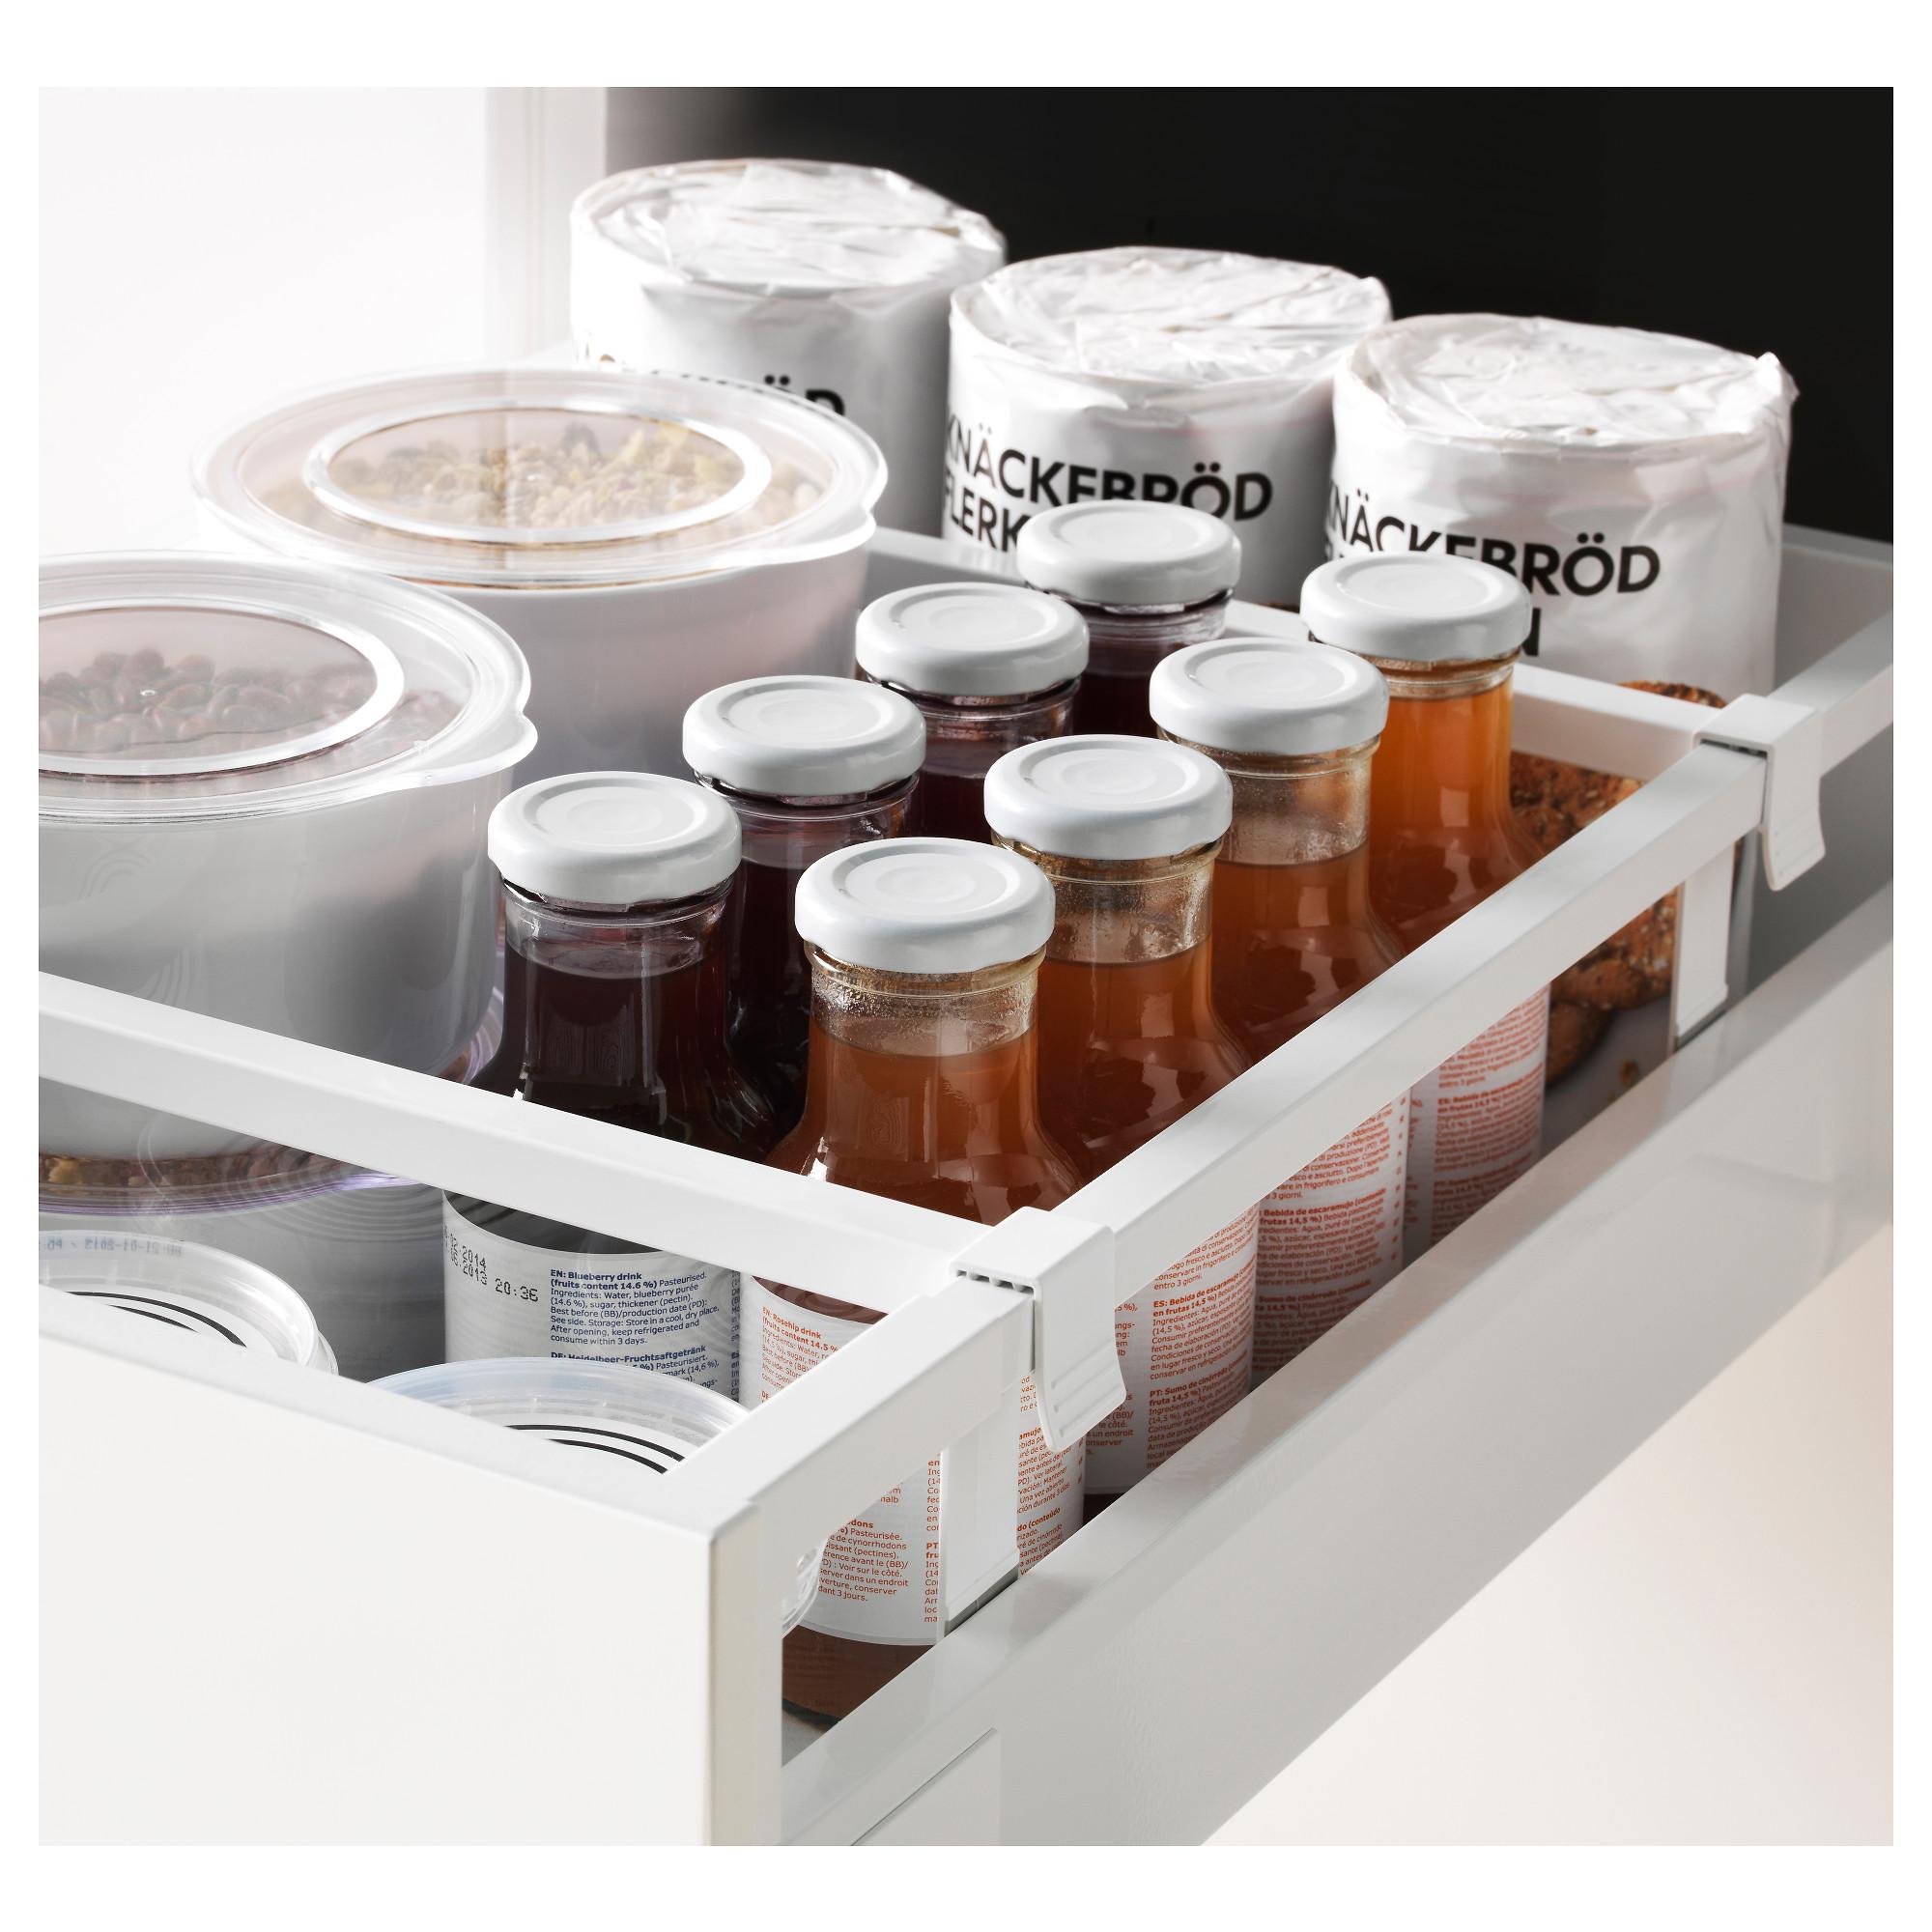 Высокий шкаф + полки, 5 ящиков, 2 дверцы, 2 фронтальных МЕТОД / МАКСИМЕРА черный артикуль № 092.315.86 в наличии. Онлайн каталог IKEA РБ. Недорогая доставка и соборка.